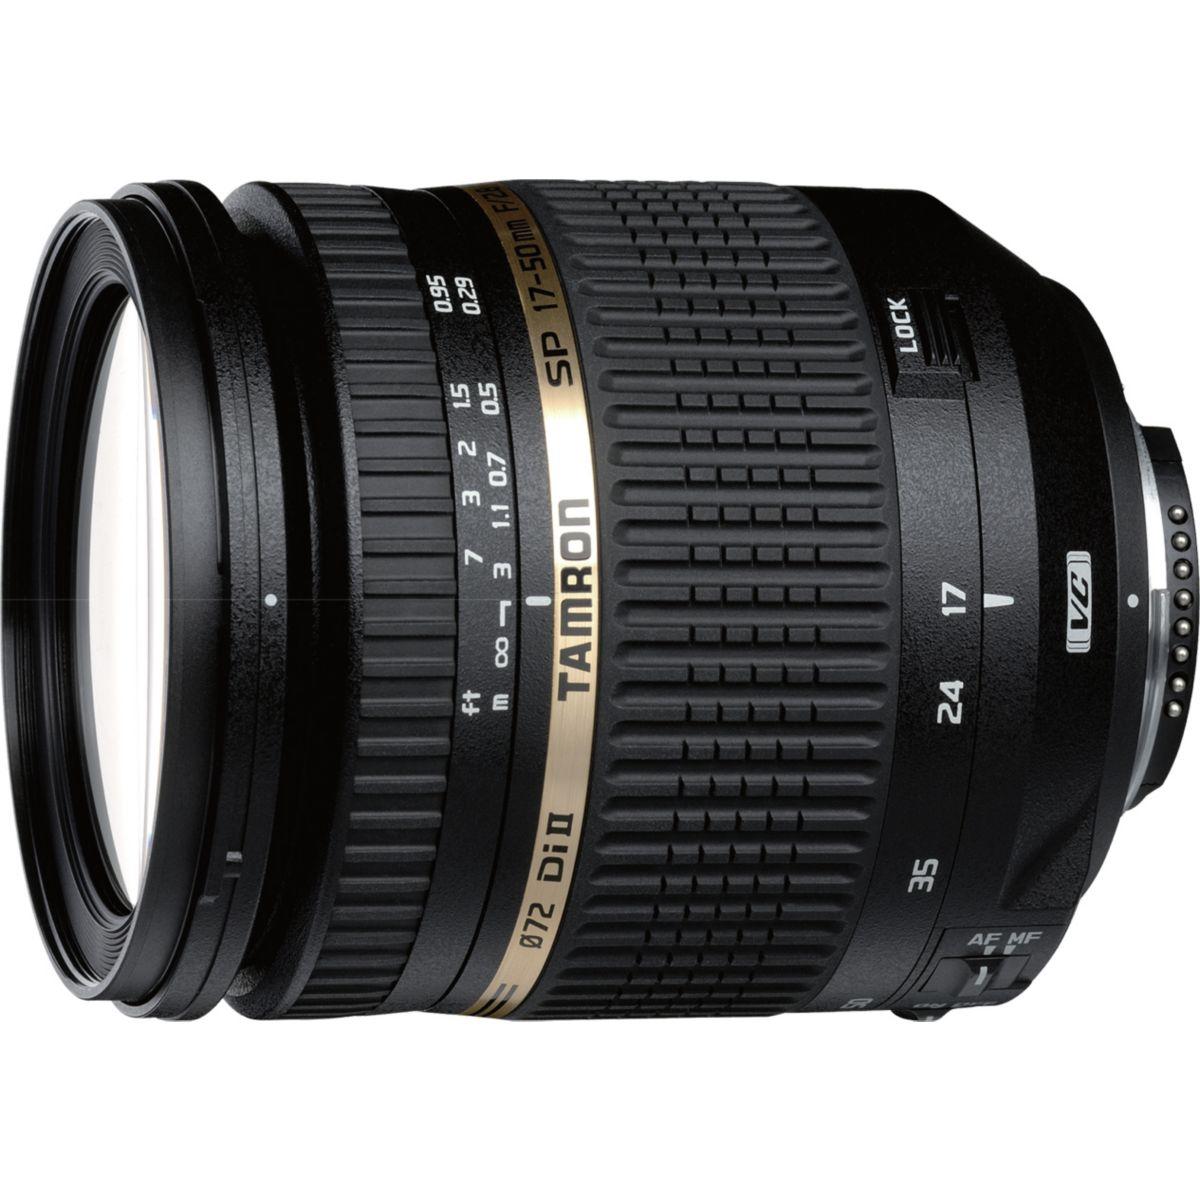 Objectif TAMRON 17-50 F2.8 XR Di II VC Nikon (pour reflex NIKON)